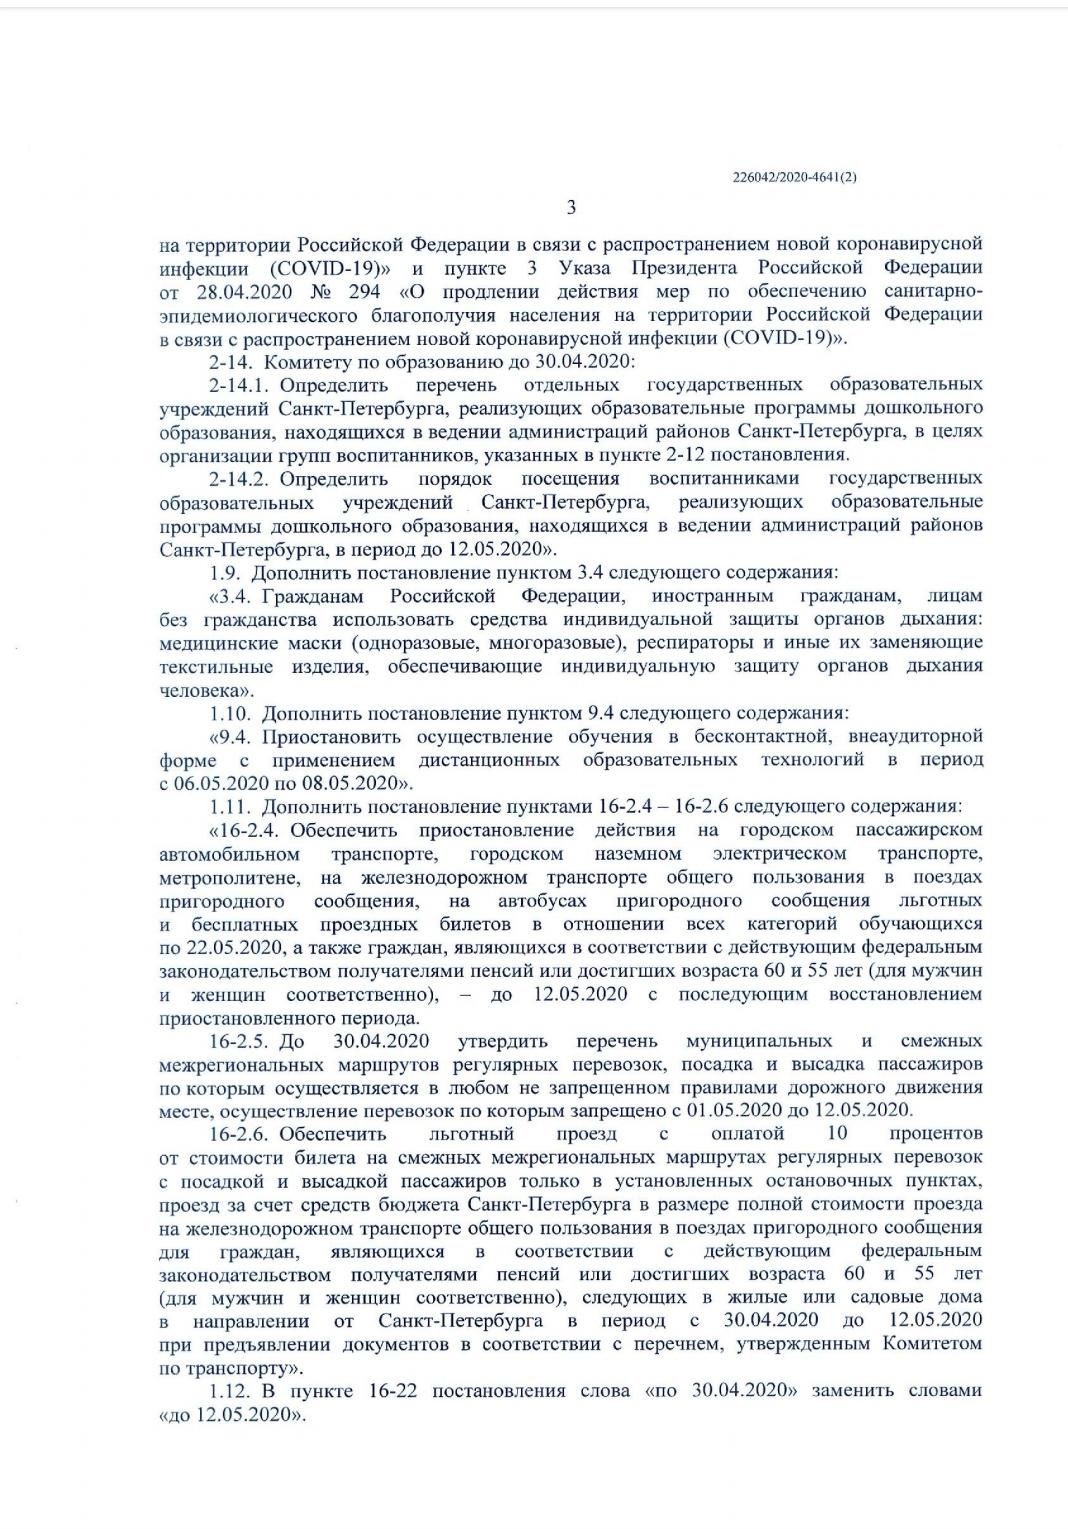 Screenshot_20200429-213232_Office